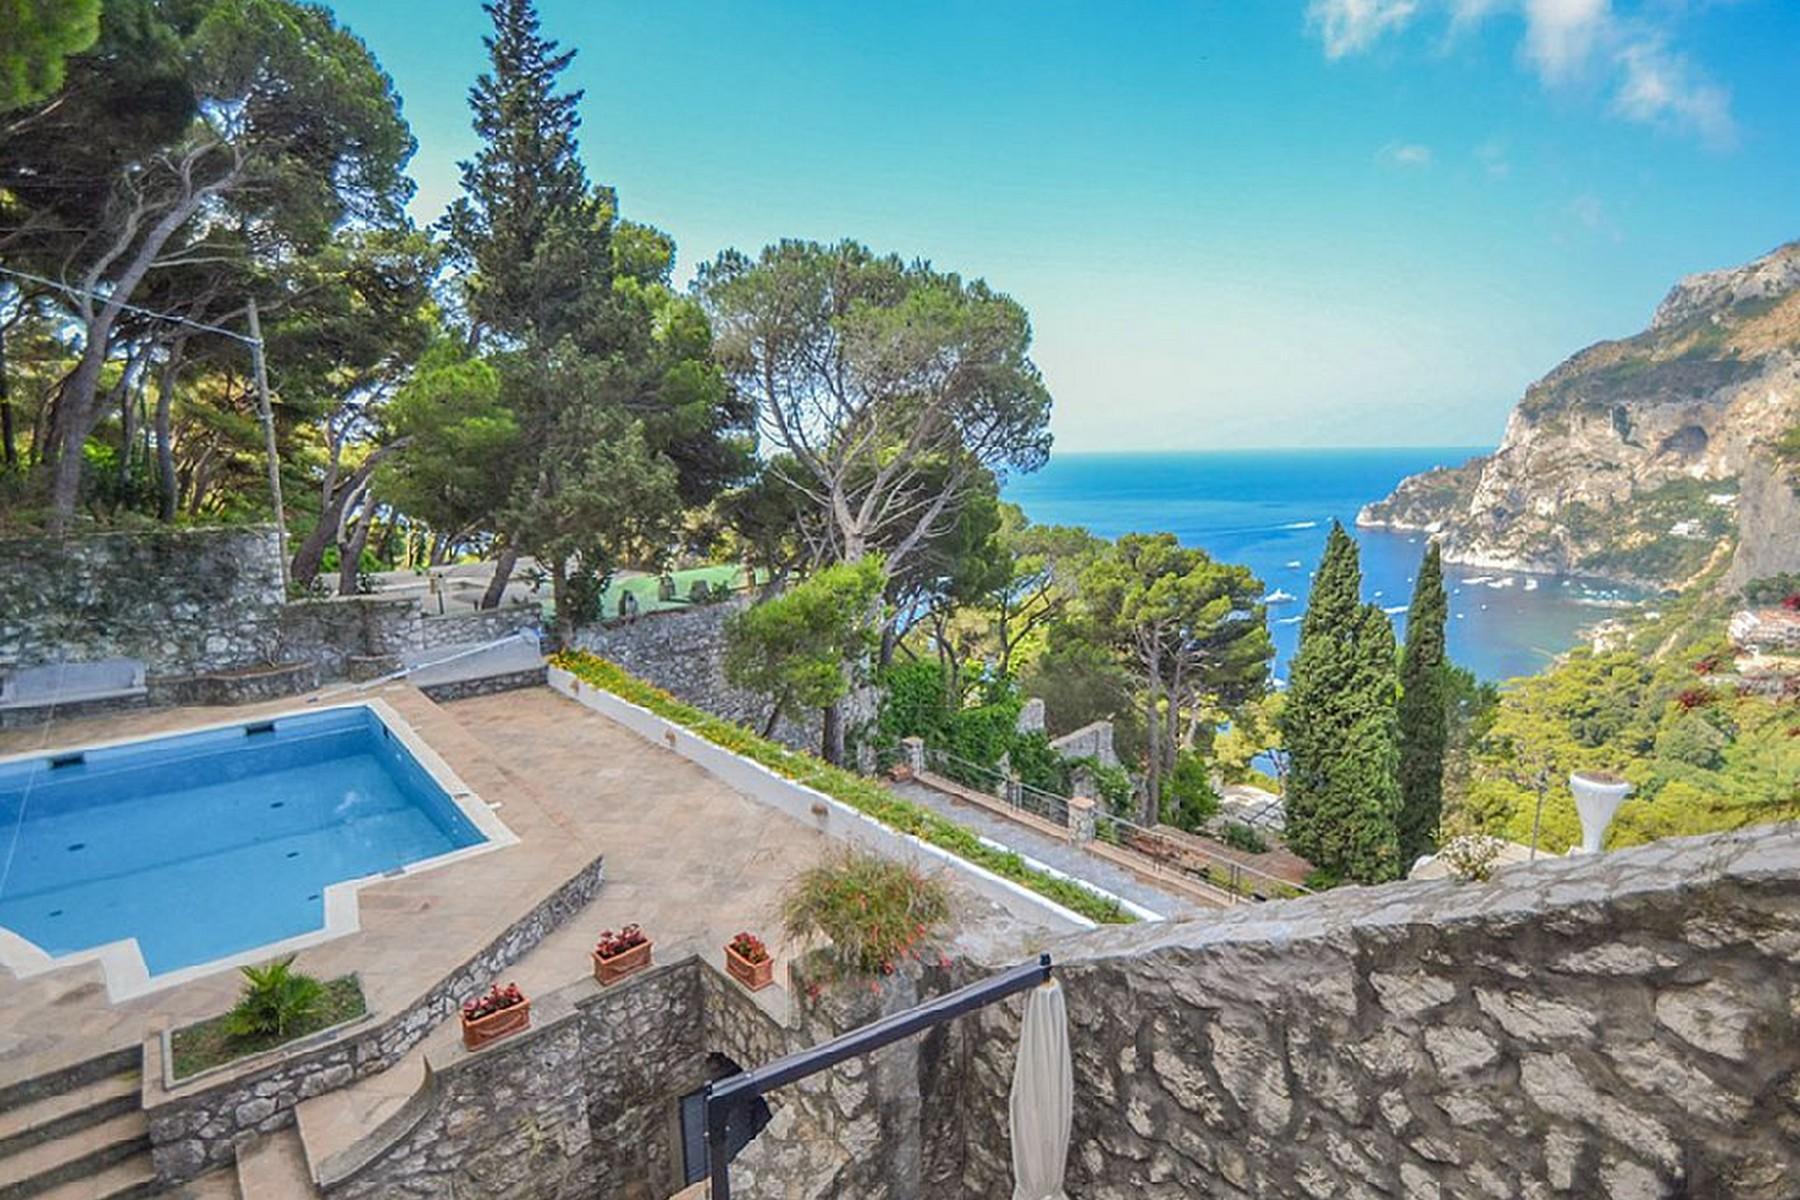 Villa in Vendita a Capri: 5 locali, 400 mq - Foto 1